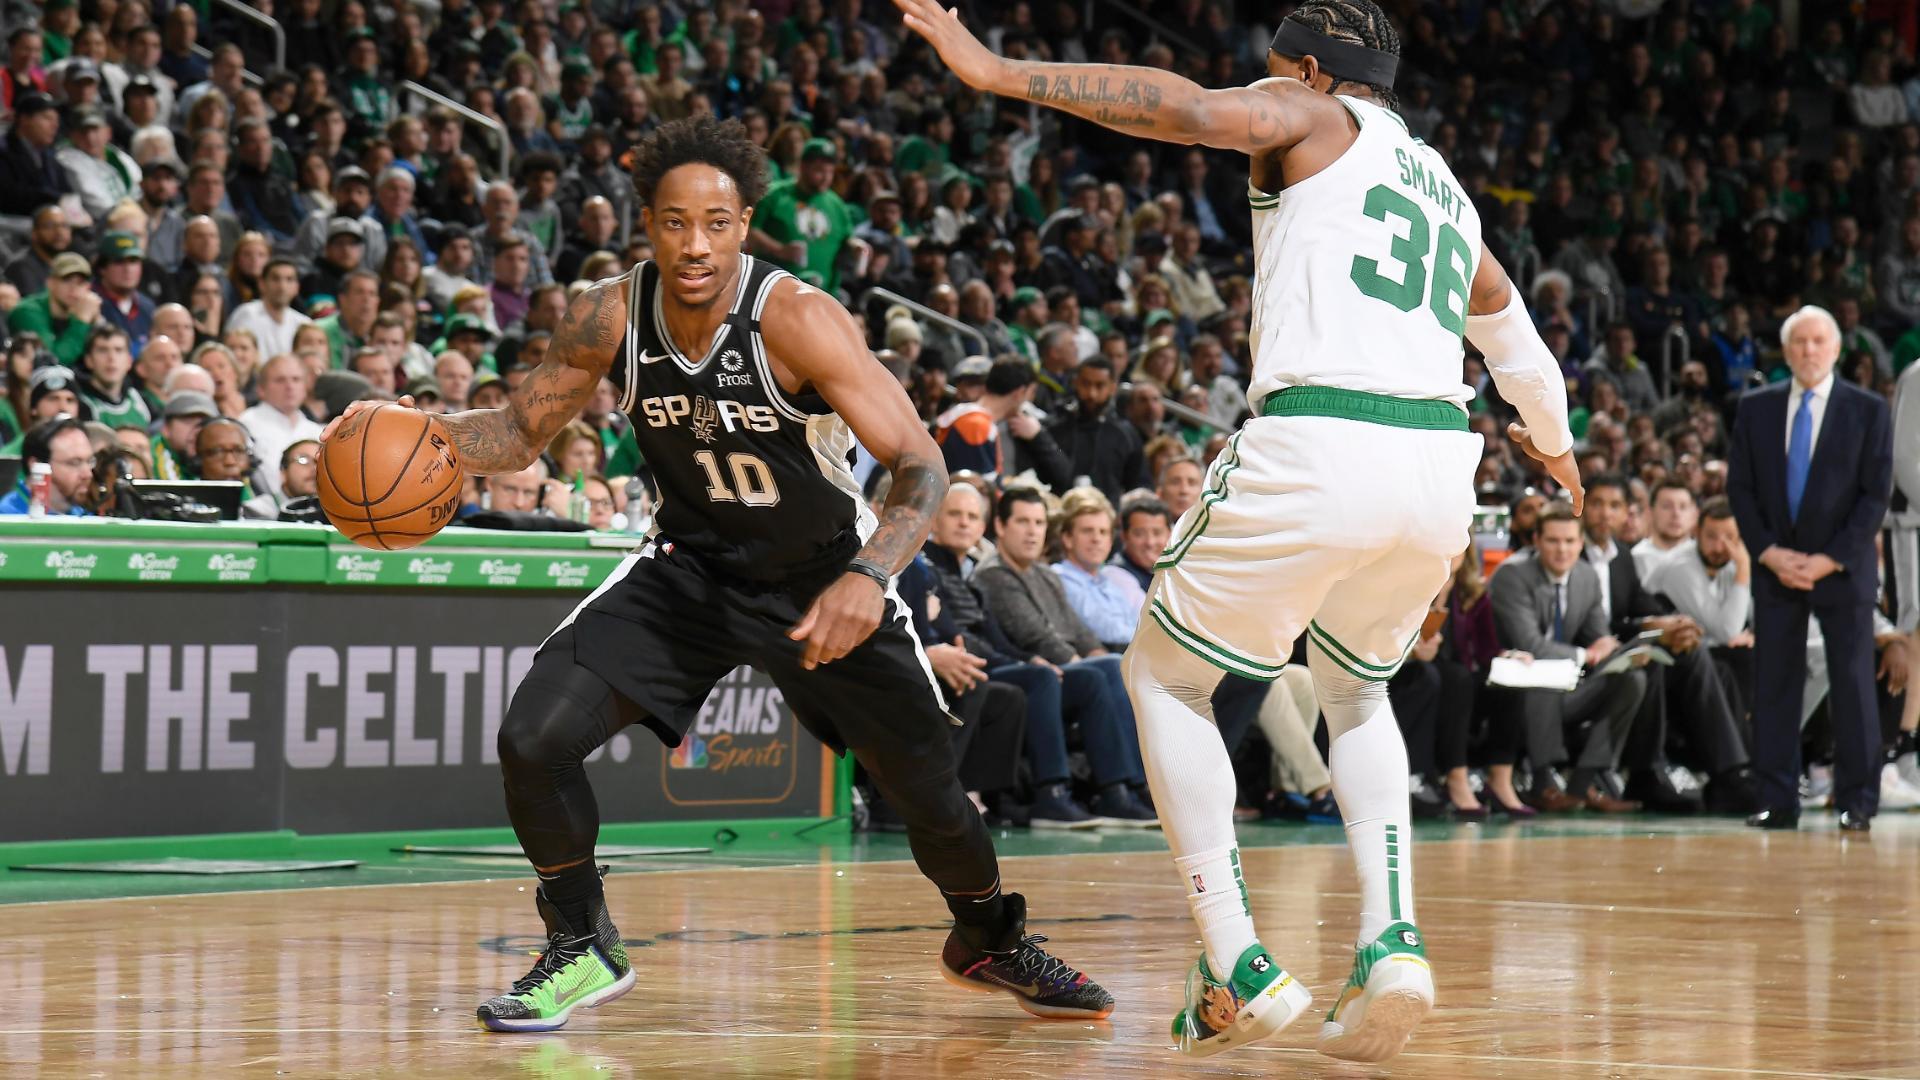 DeRozan drops 30 points in win vs. Celtics